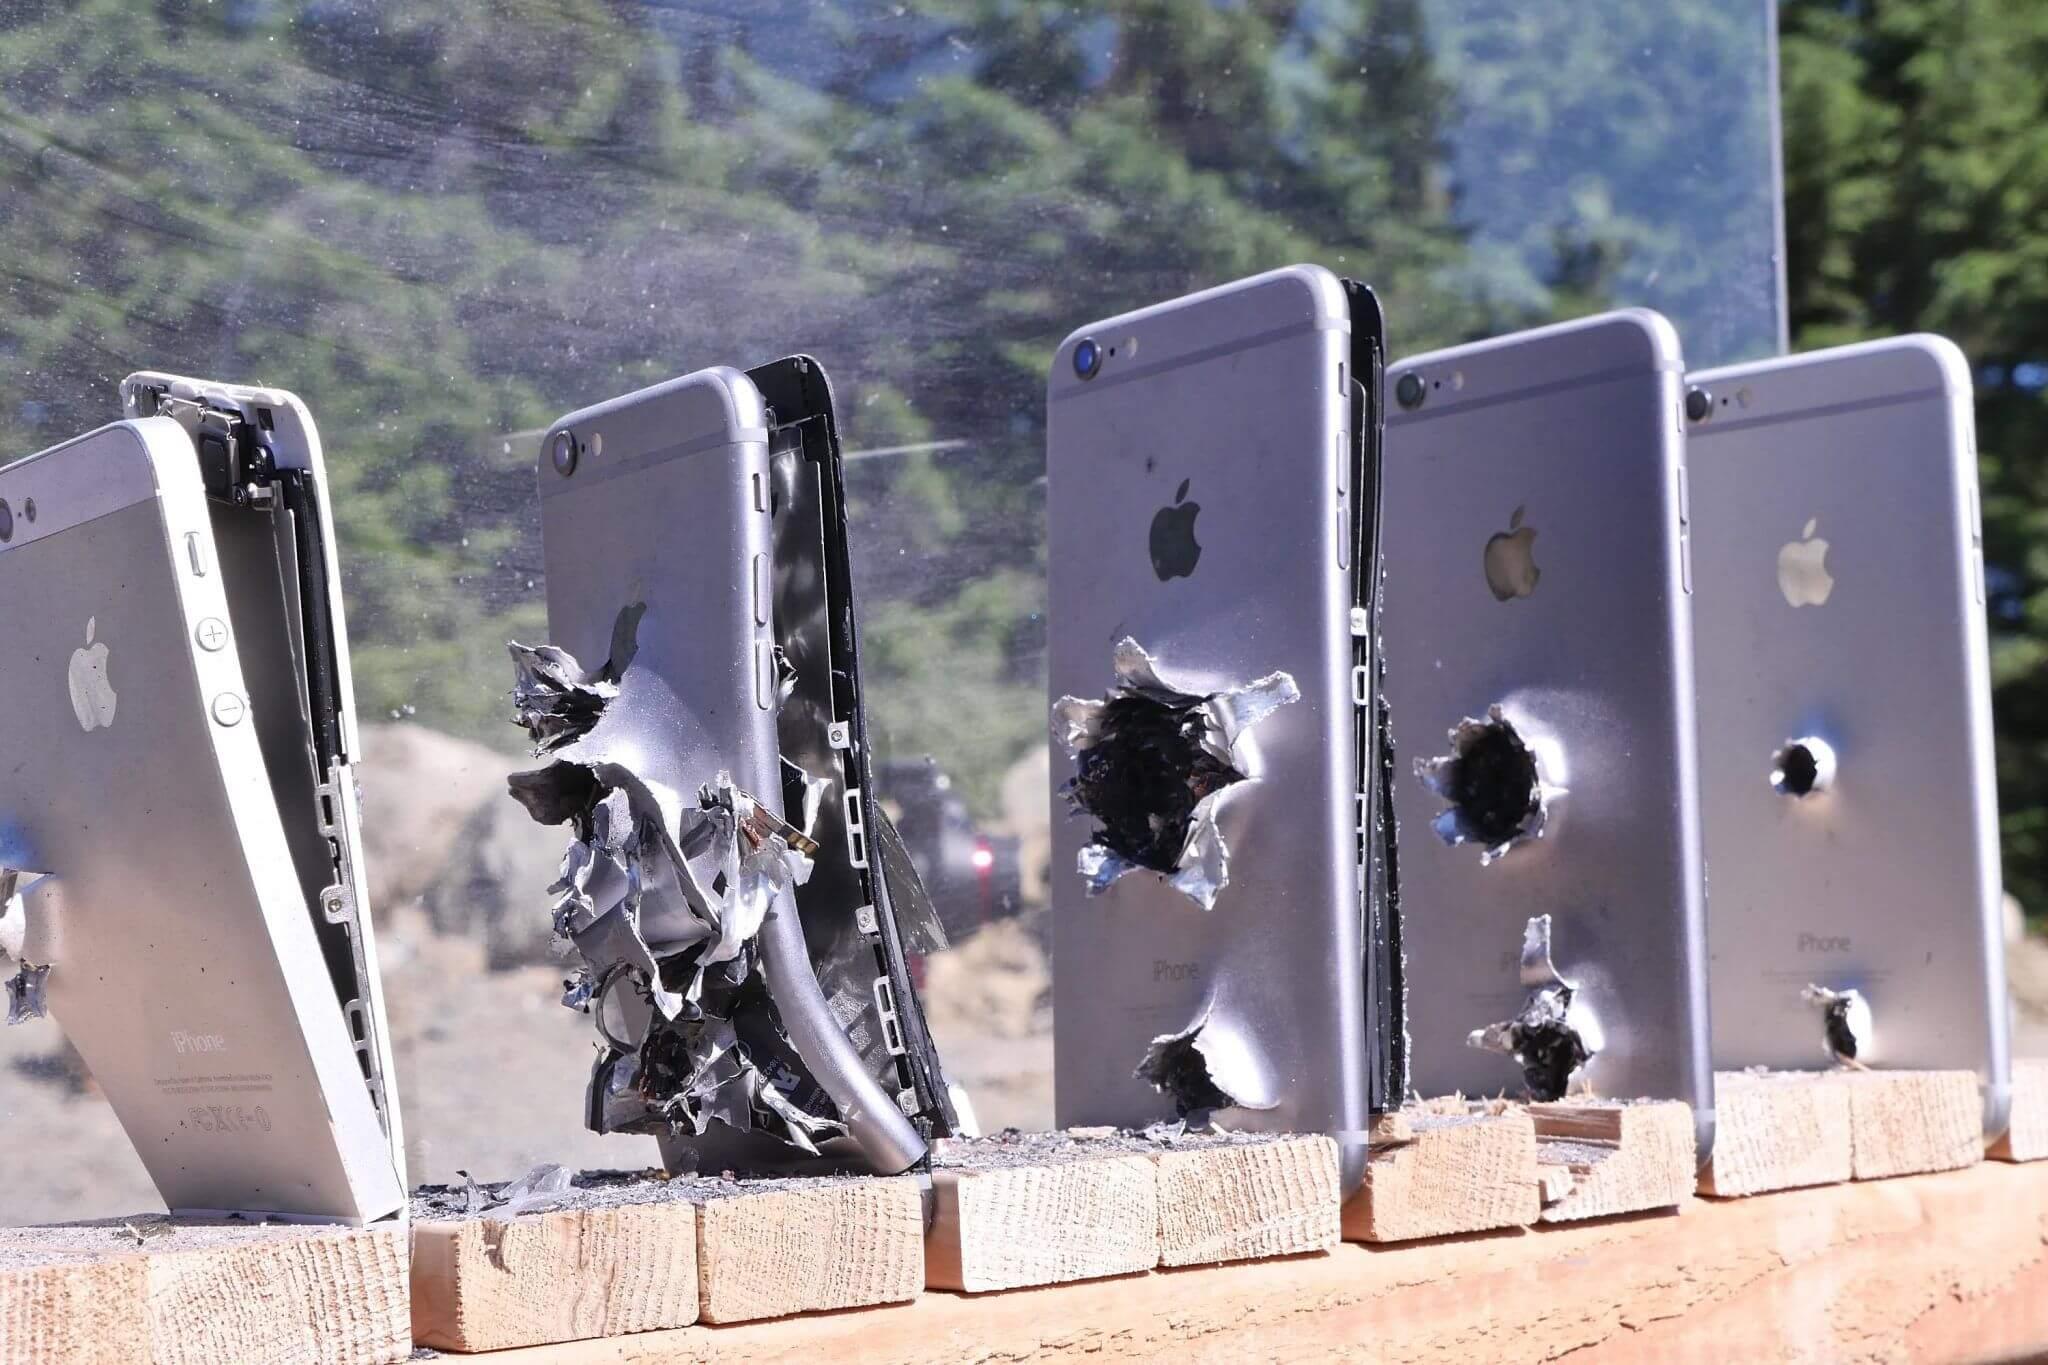 how many iphones does it take to - Pesquisa de Harvard indica que Apple deixa iPhones antigos mais lentos para vender novos aparelhos